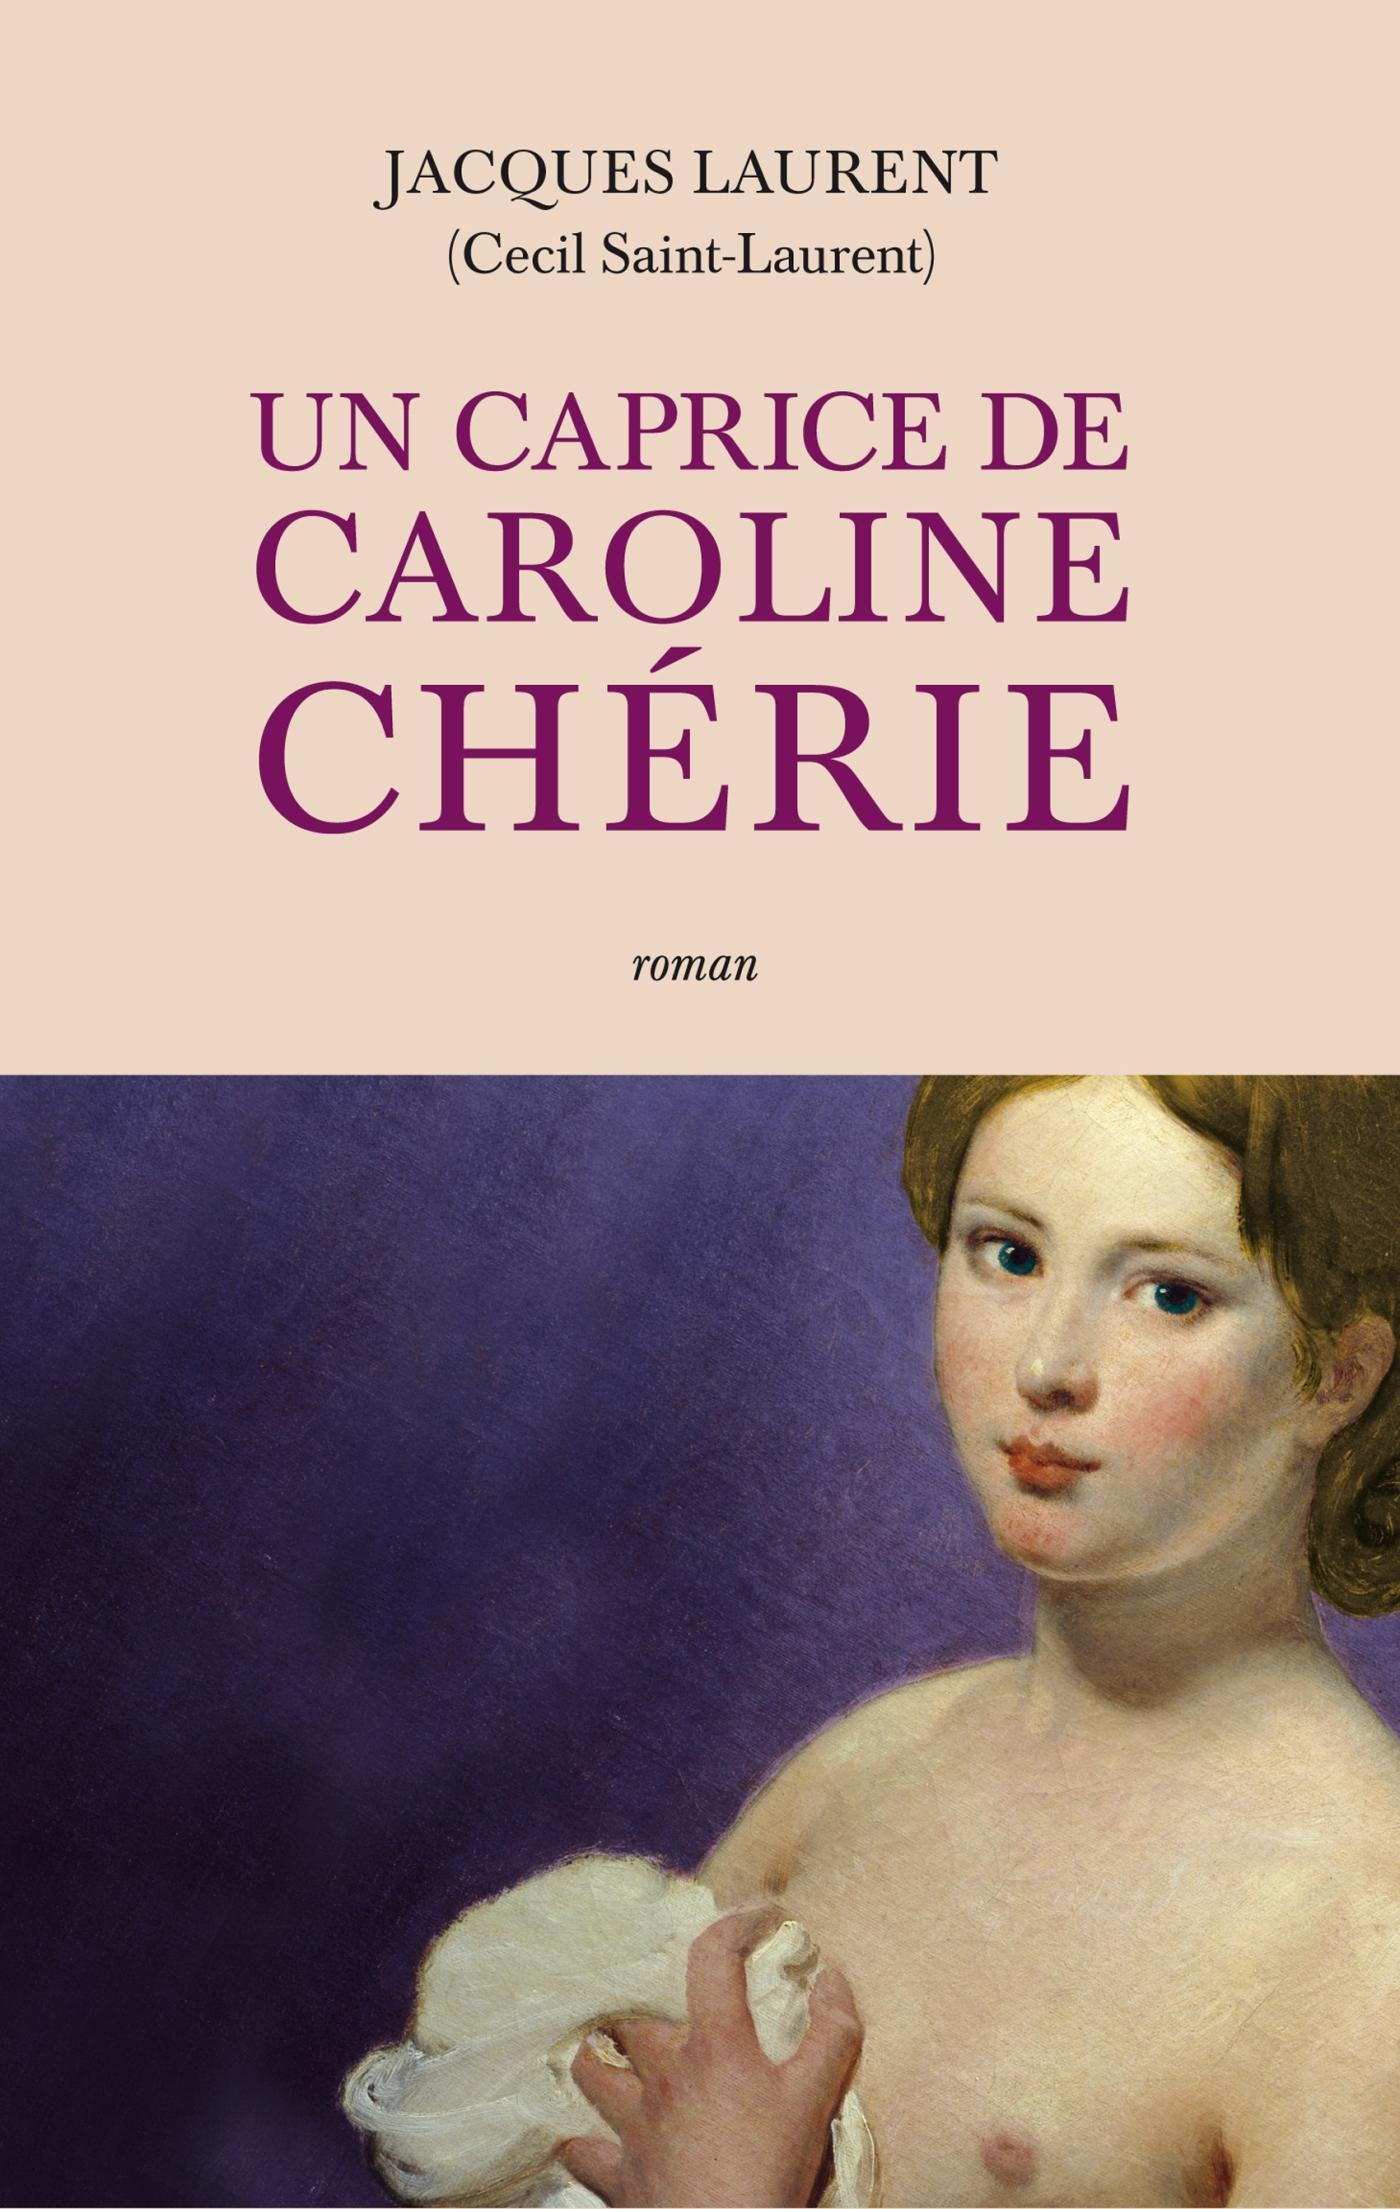 UN CAPRICE DE CAROLINE CHERIE